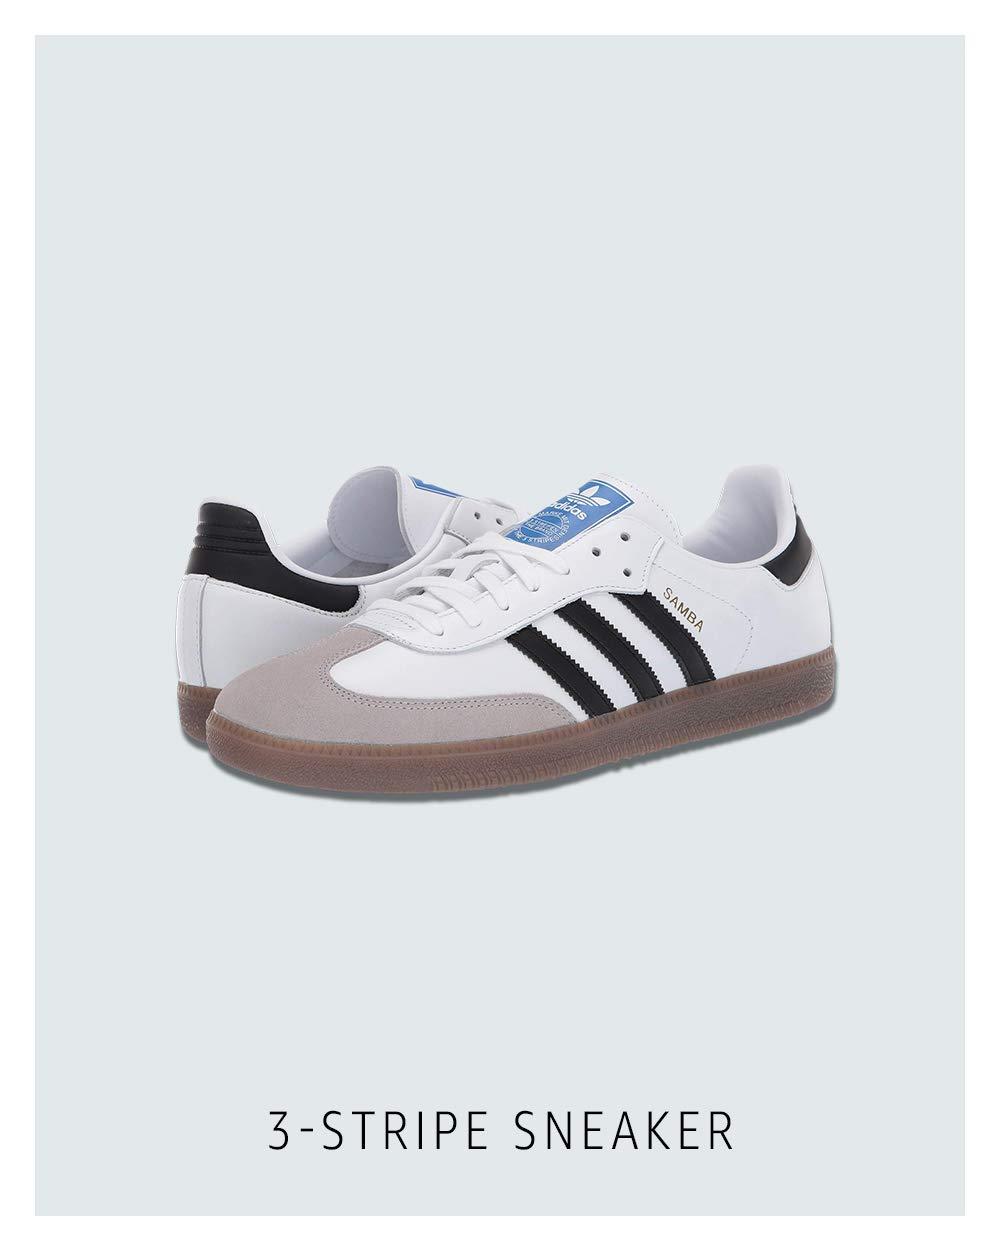 3-stripe sneaker